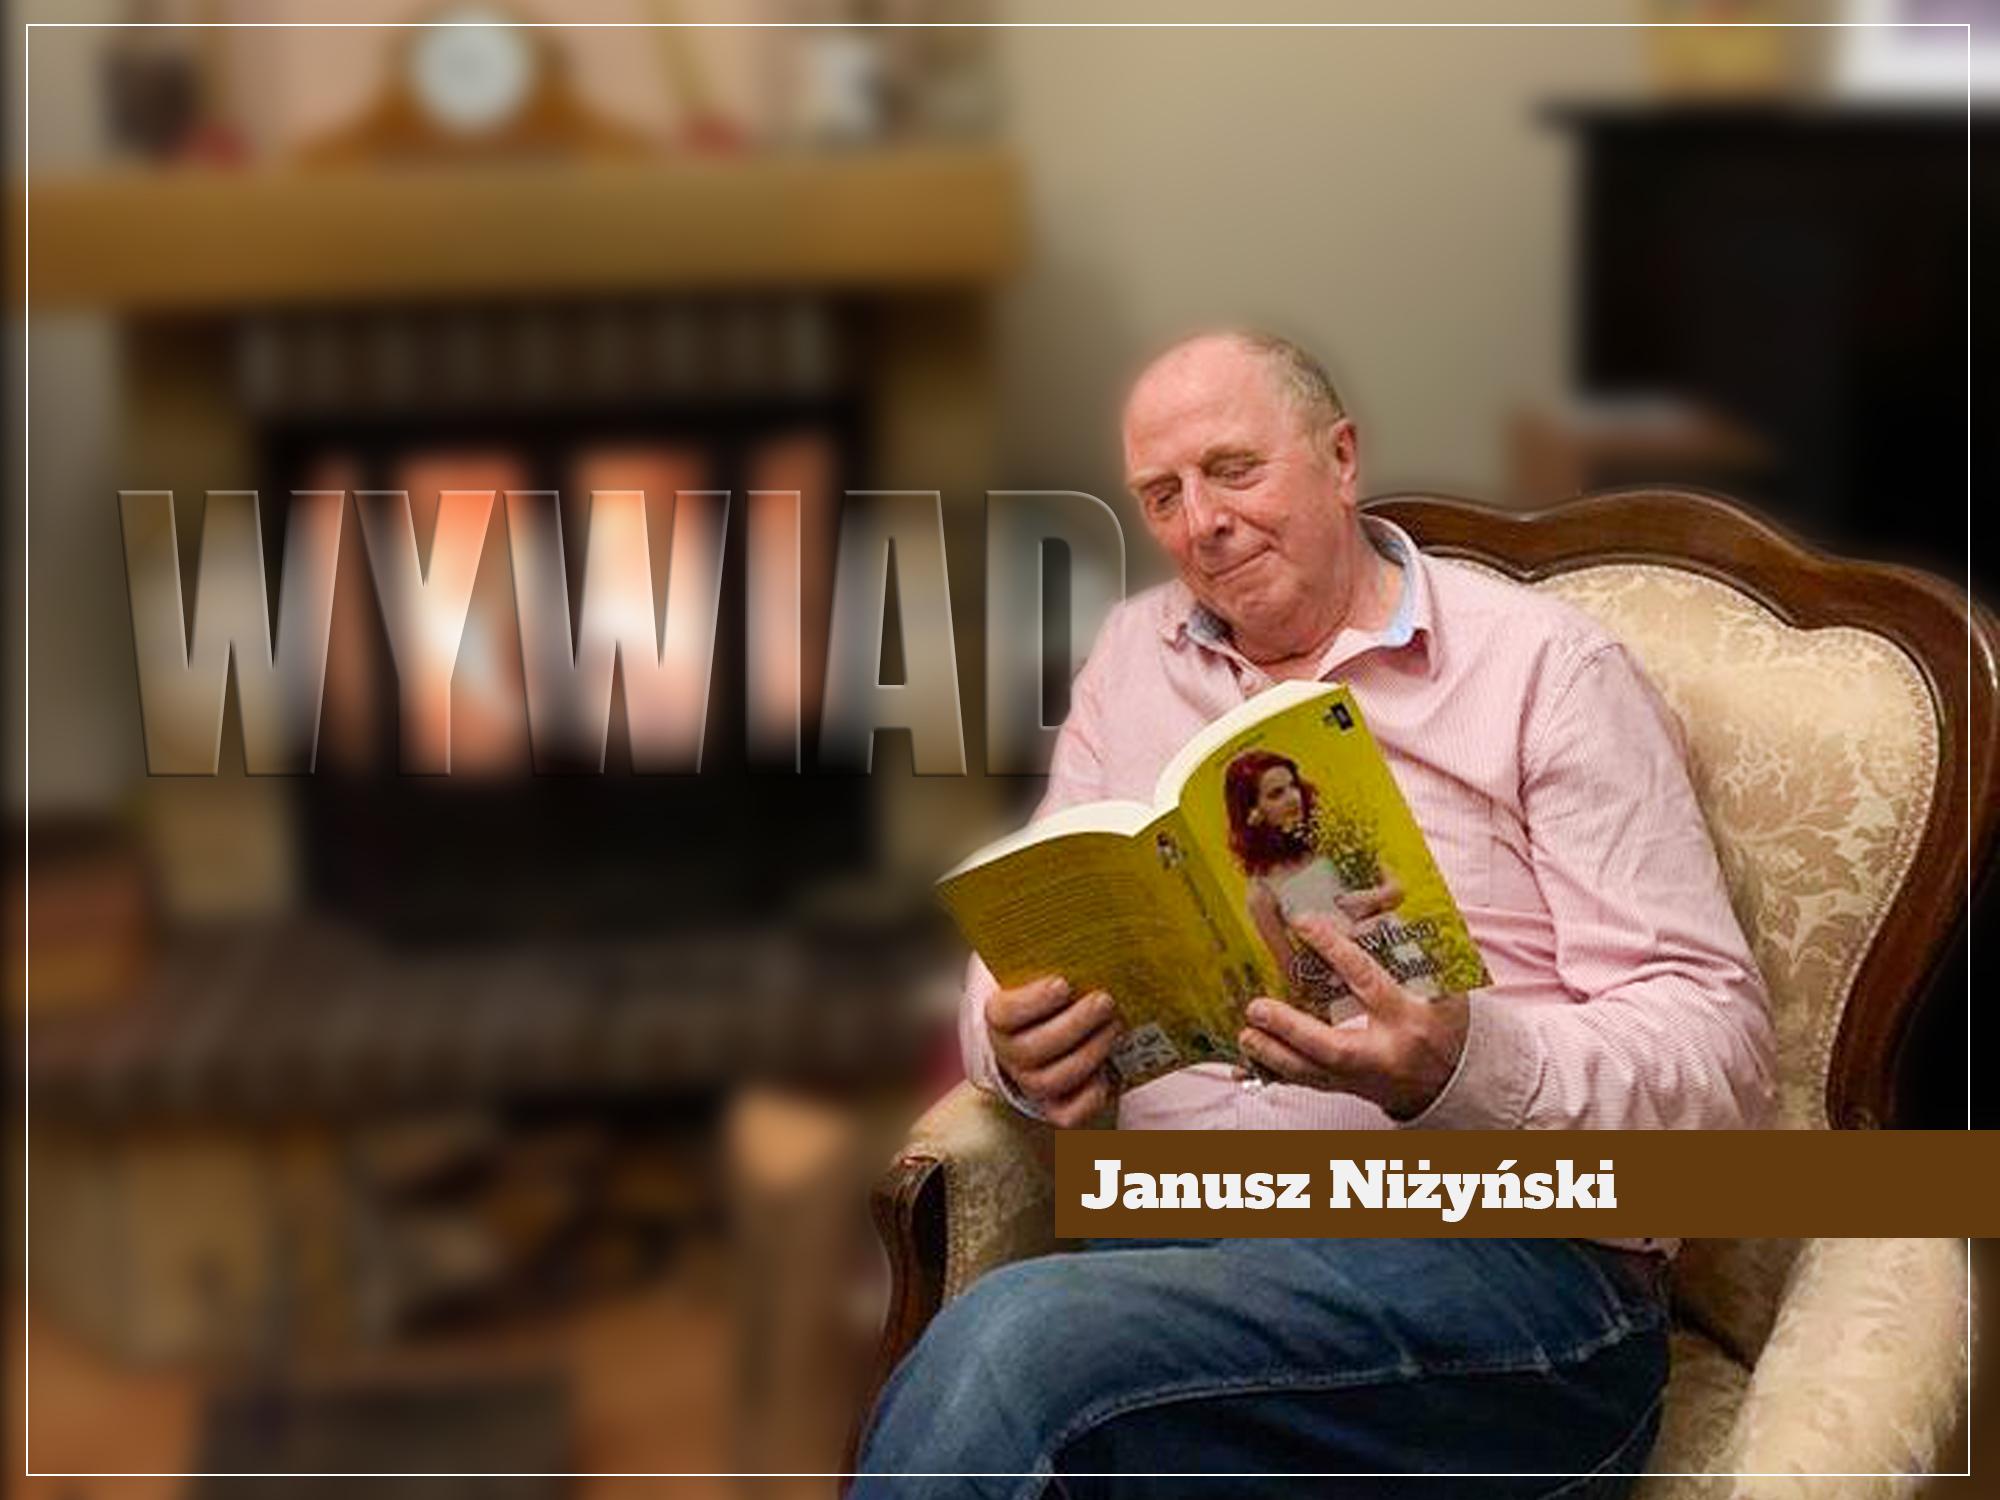 Janusz Niżyński